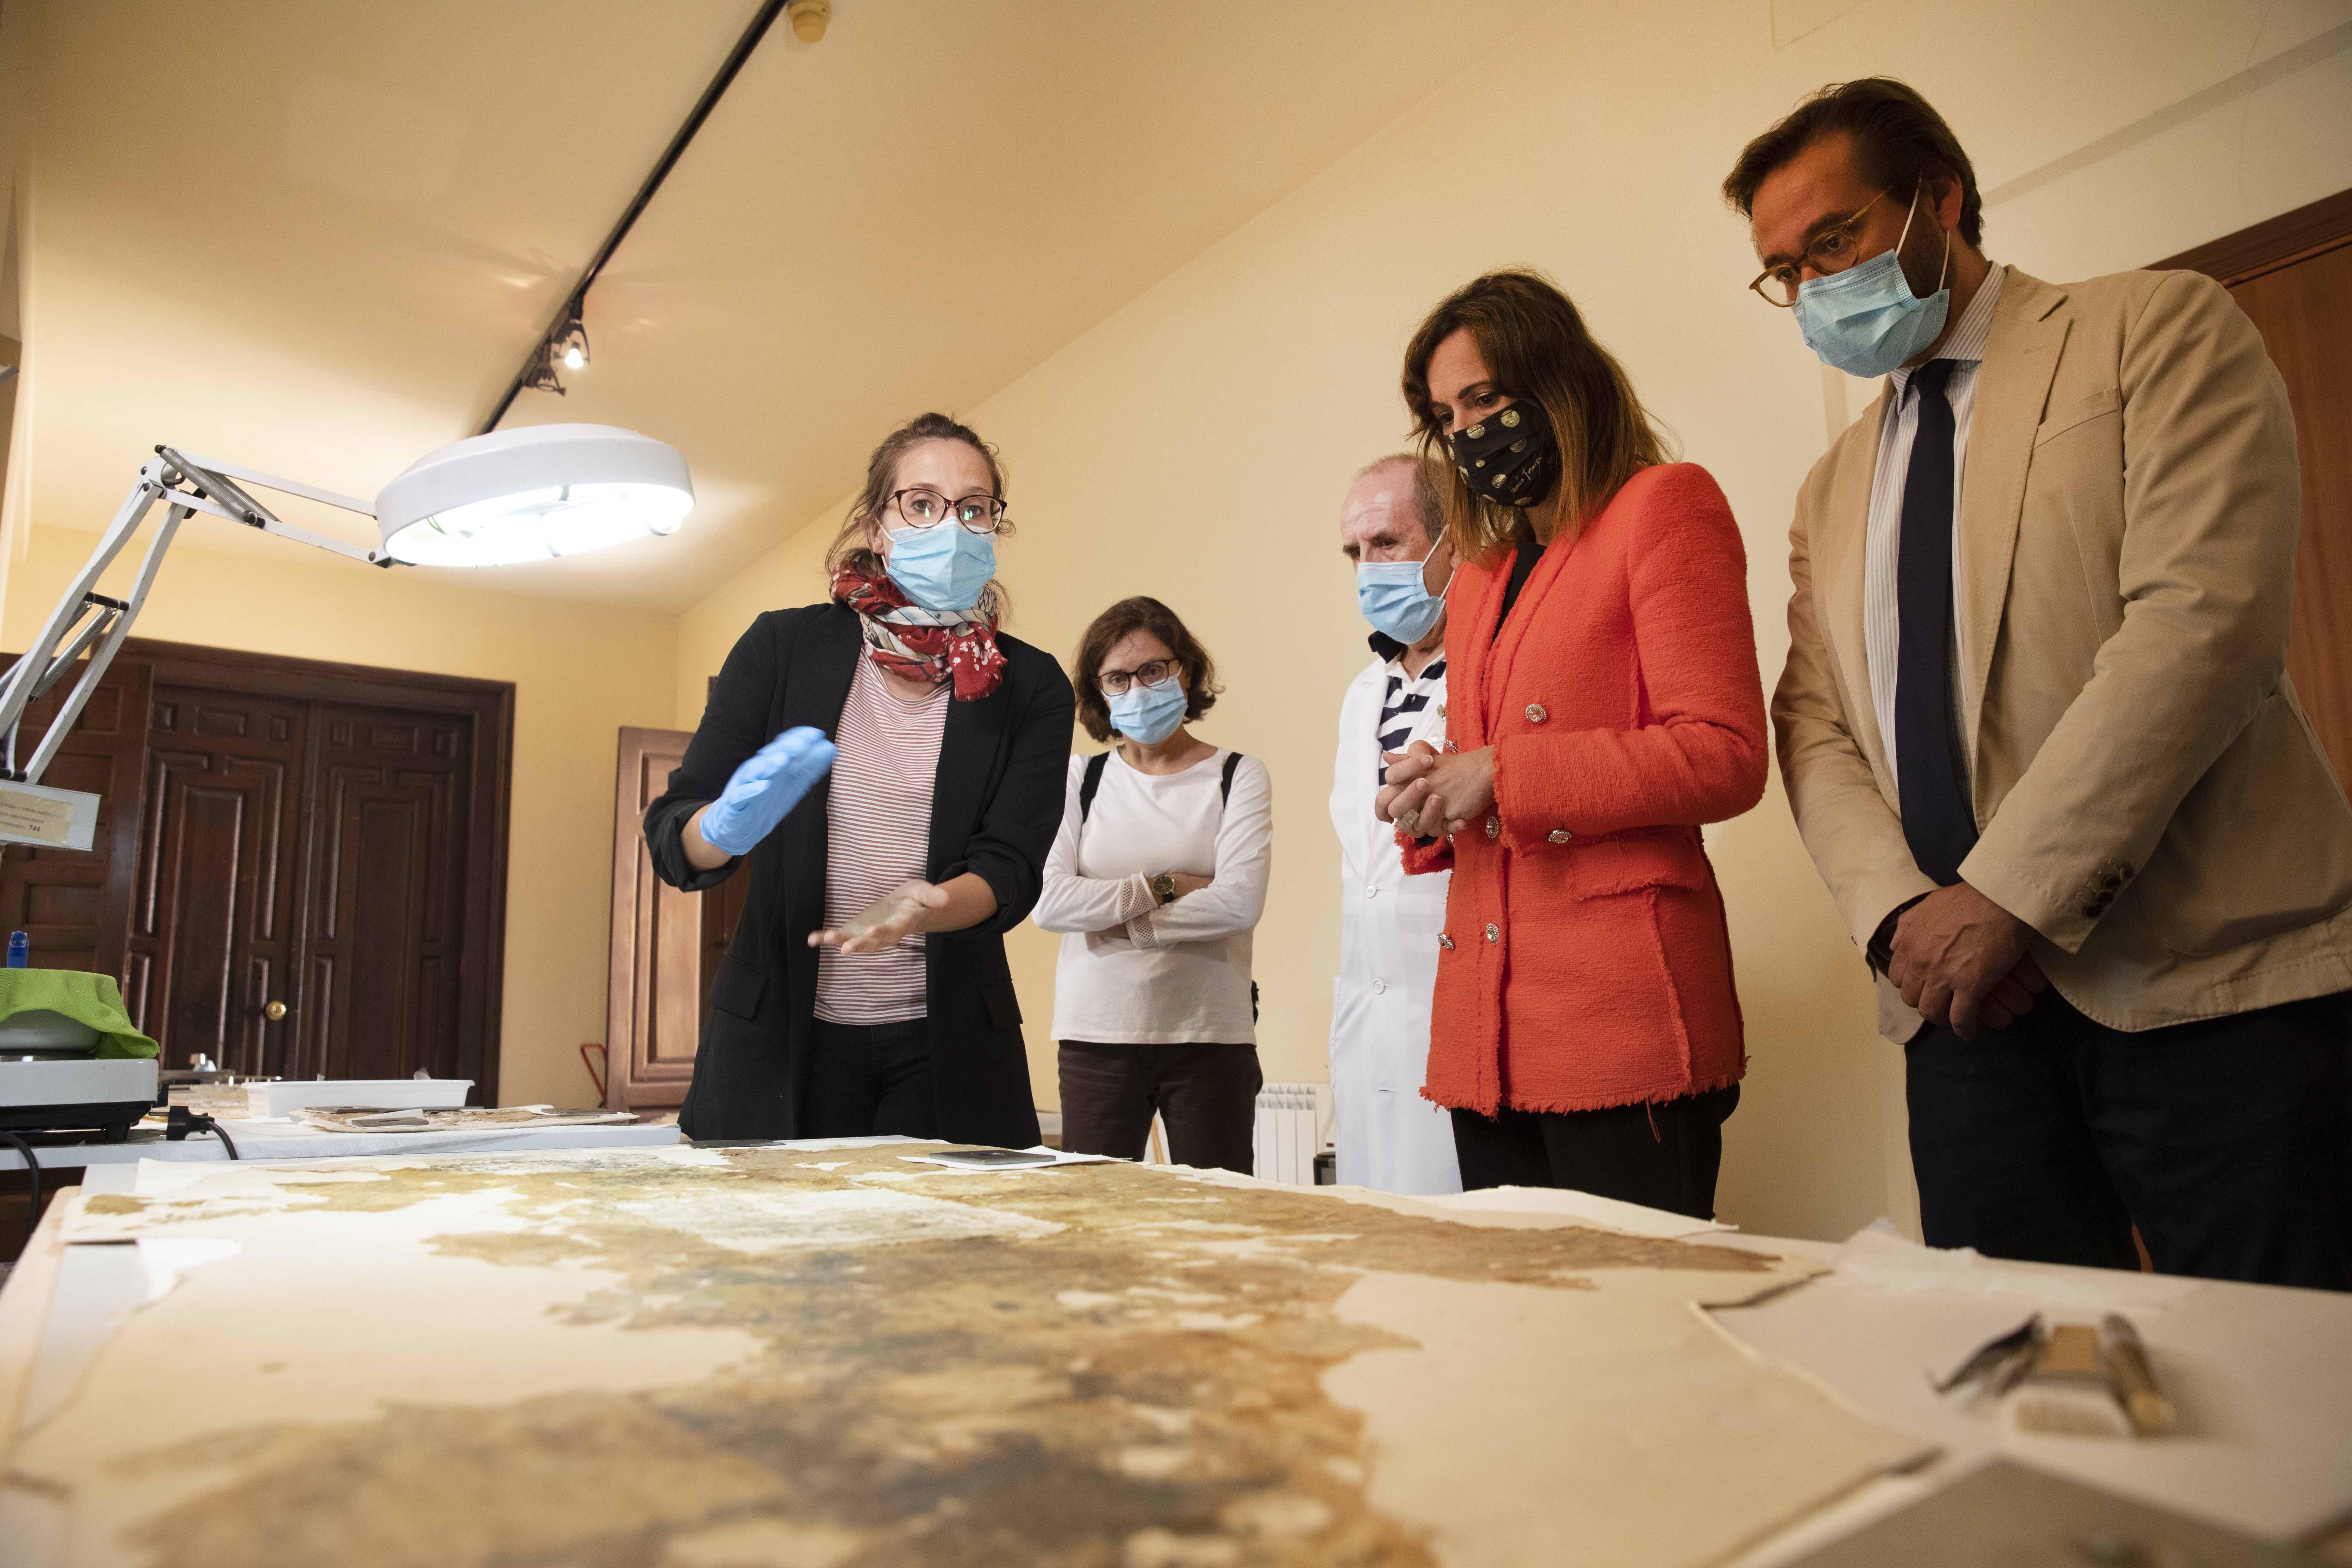 El valor patrimonial y artístico del Maristán de Granada sigue creciendo